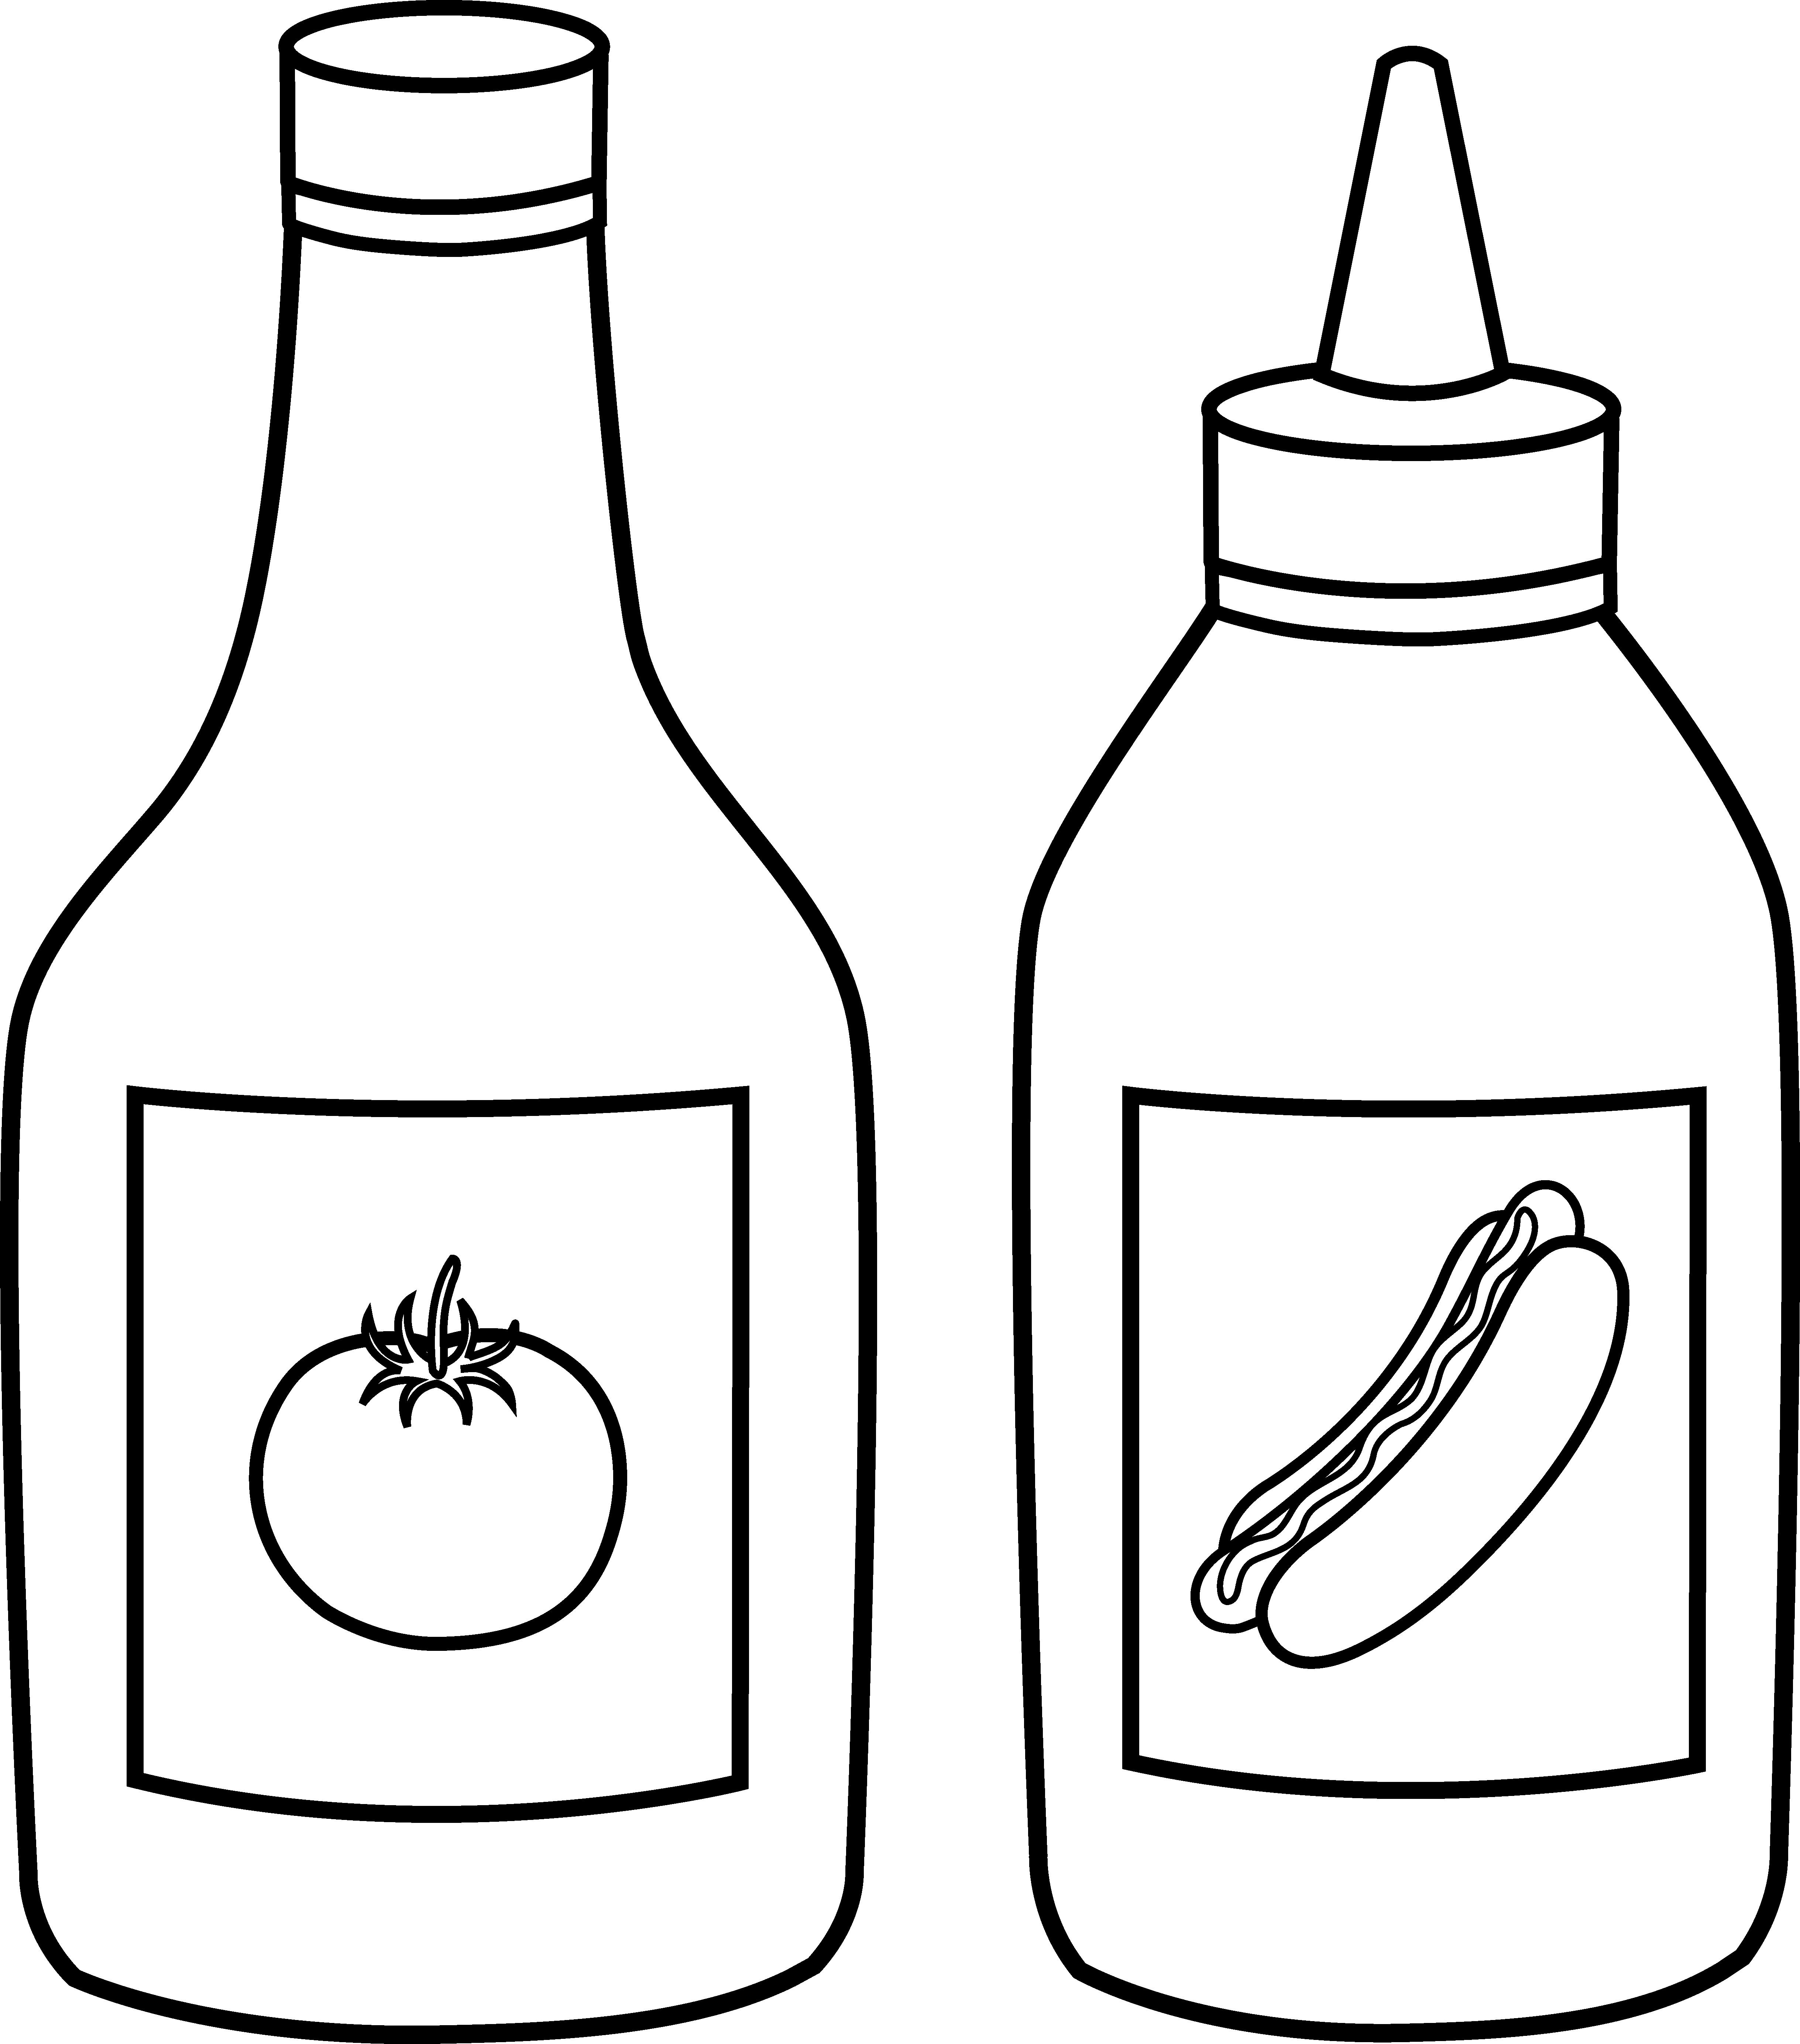 Ketchup clipart Art Panda Images Ketchup Info